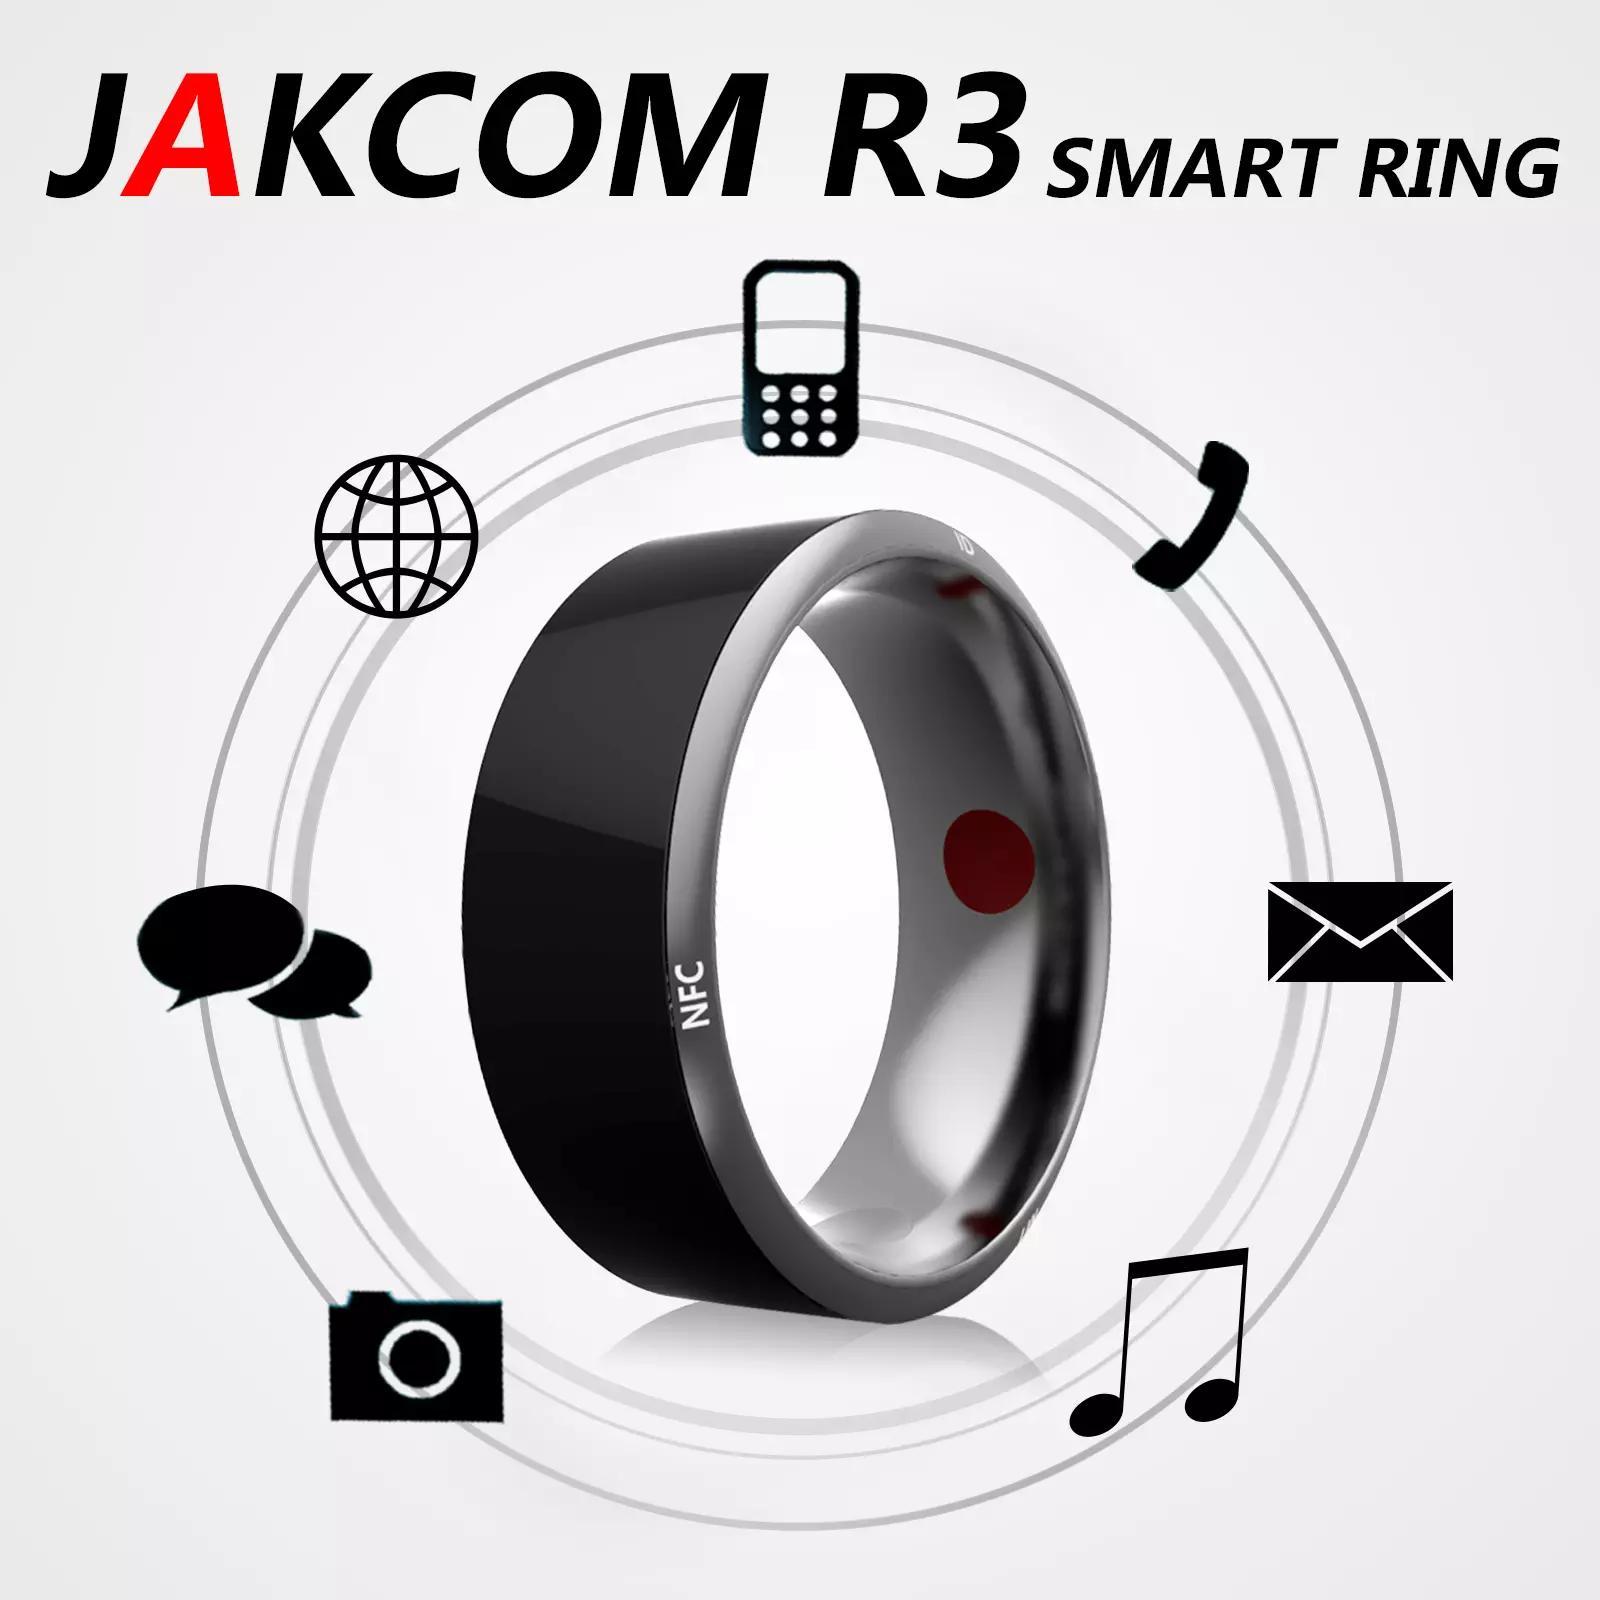 Acheter En Gros Jakcom R3 Smart Ring Montres Bijoux Lunettes Anneaux  Accessoires De Mode Smart Devices Bijoux Accessoires Tungstène Anneau De   16.09 Du ... 5eb56ab78ac0